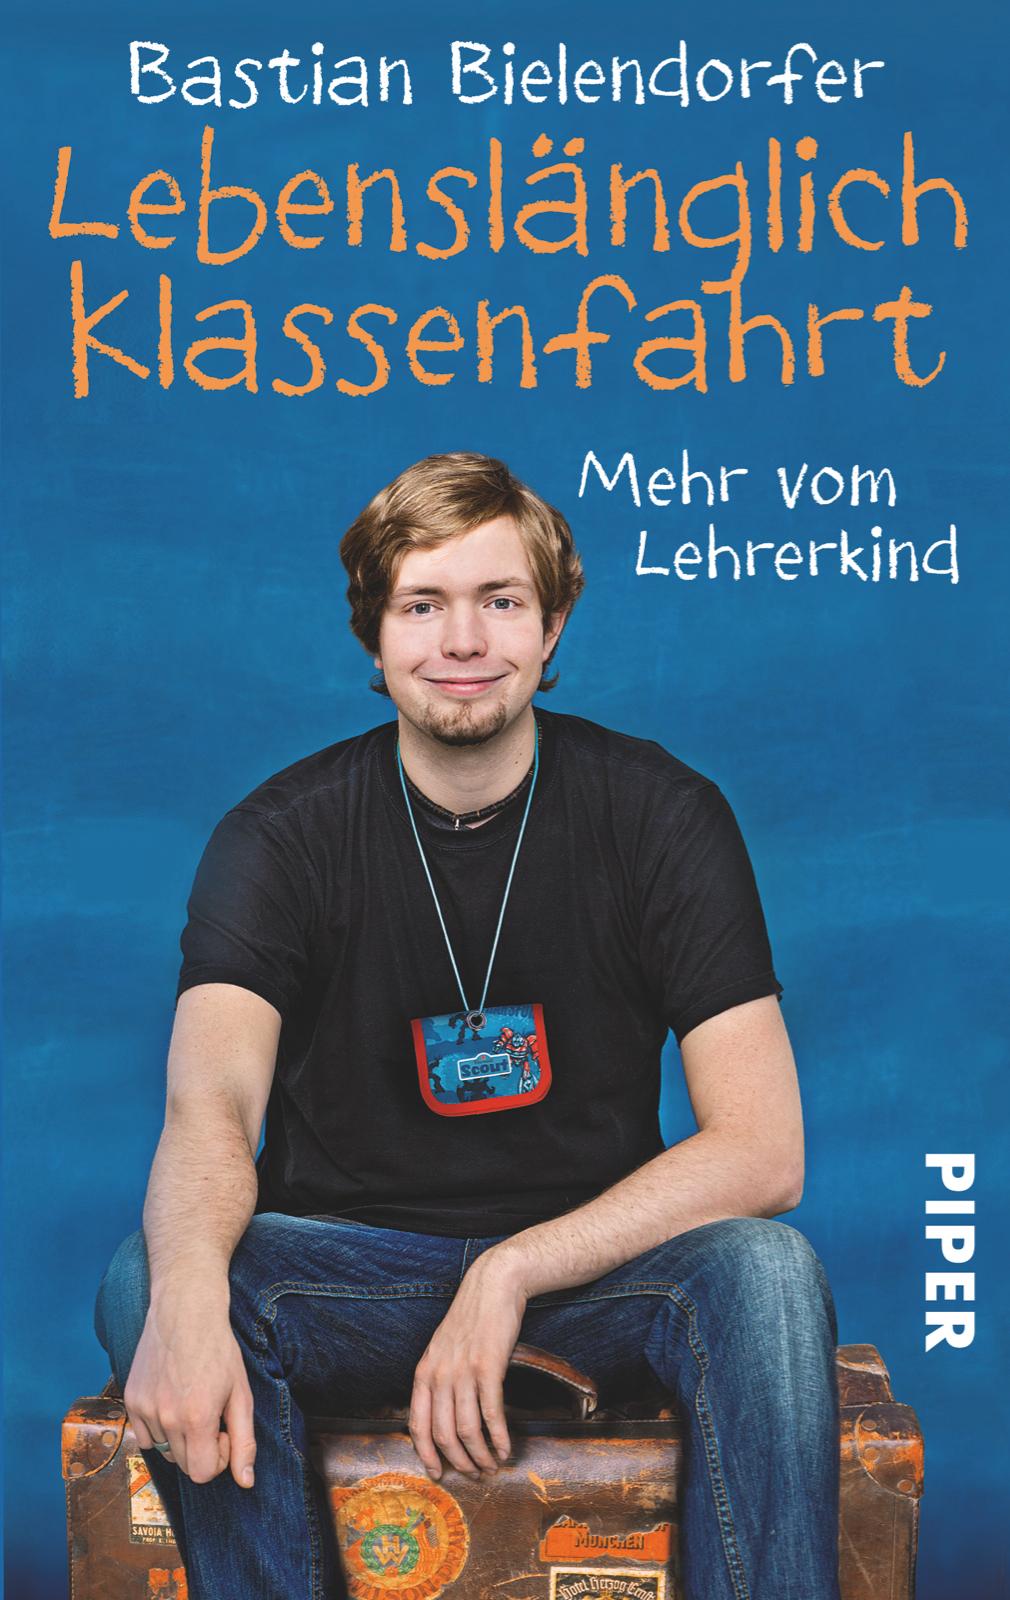 Lebenslänglich Klassenfahrt: Mehr vom Lehrerkind - Bastian Bielendorfer